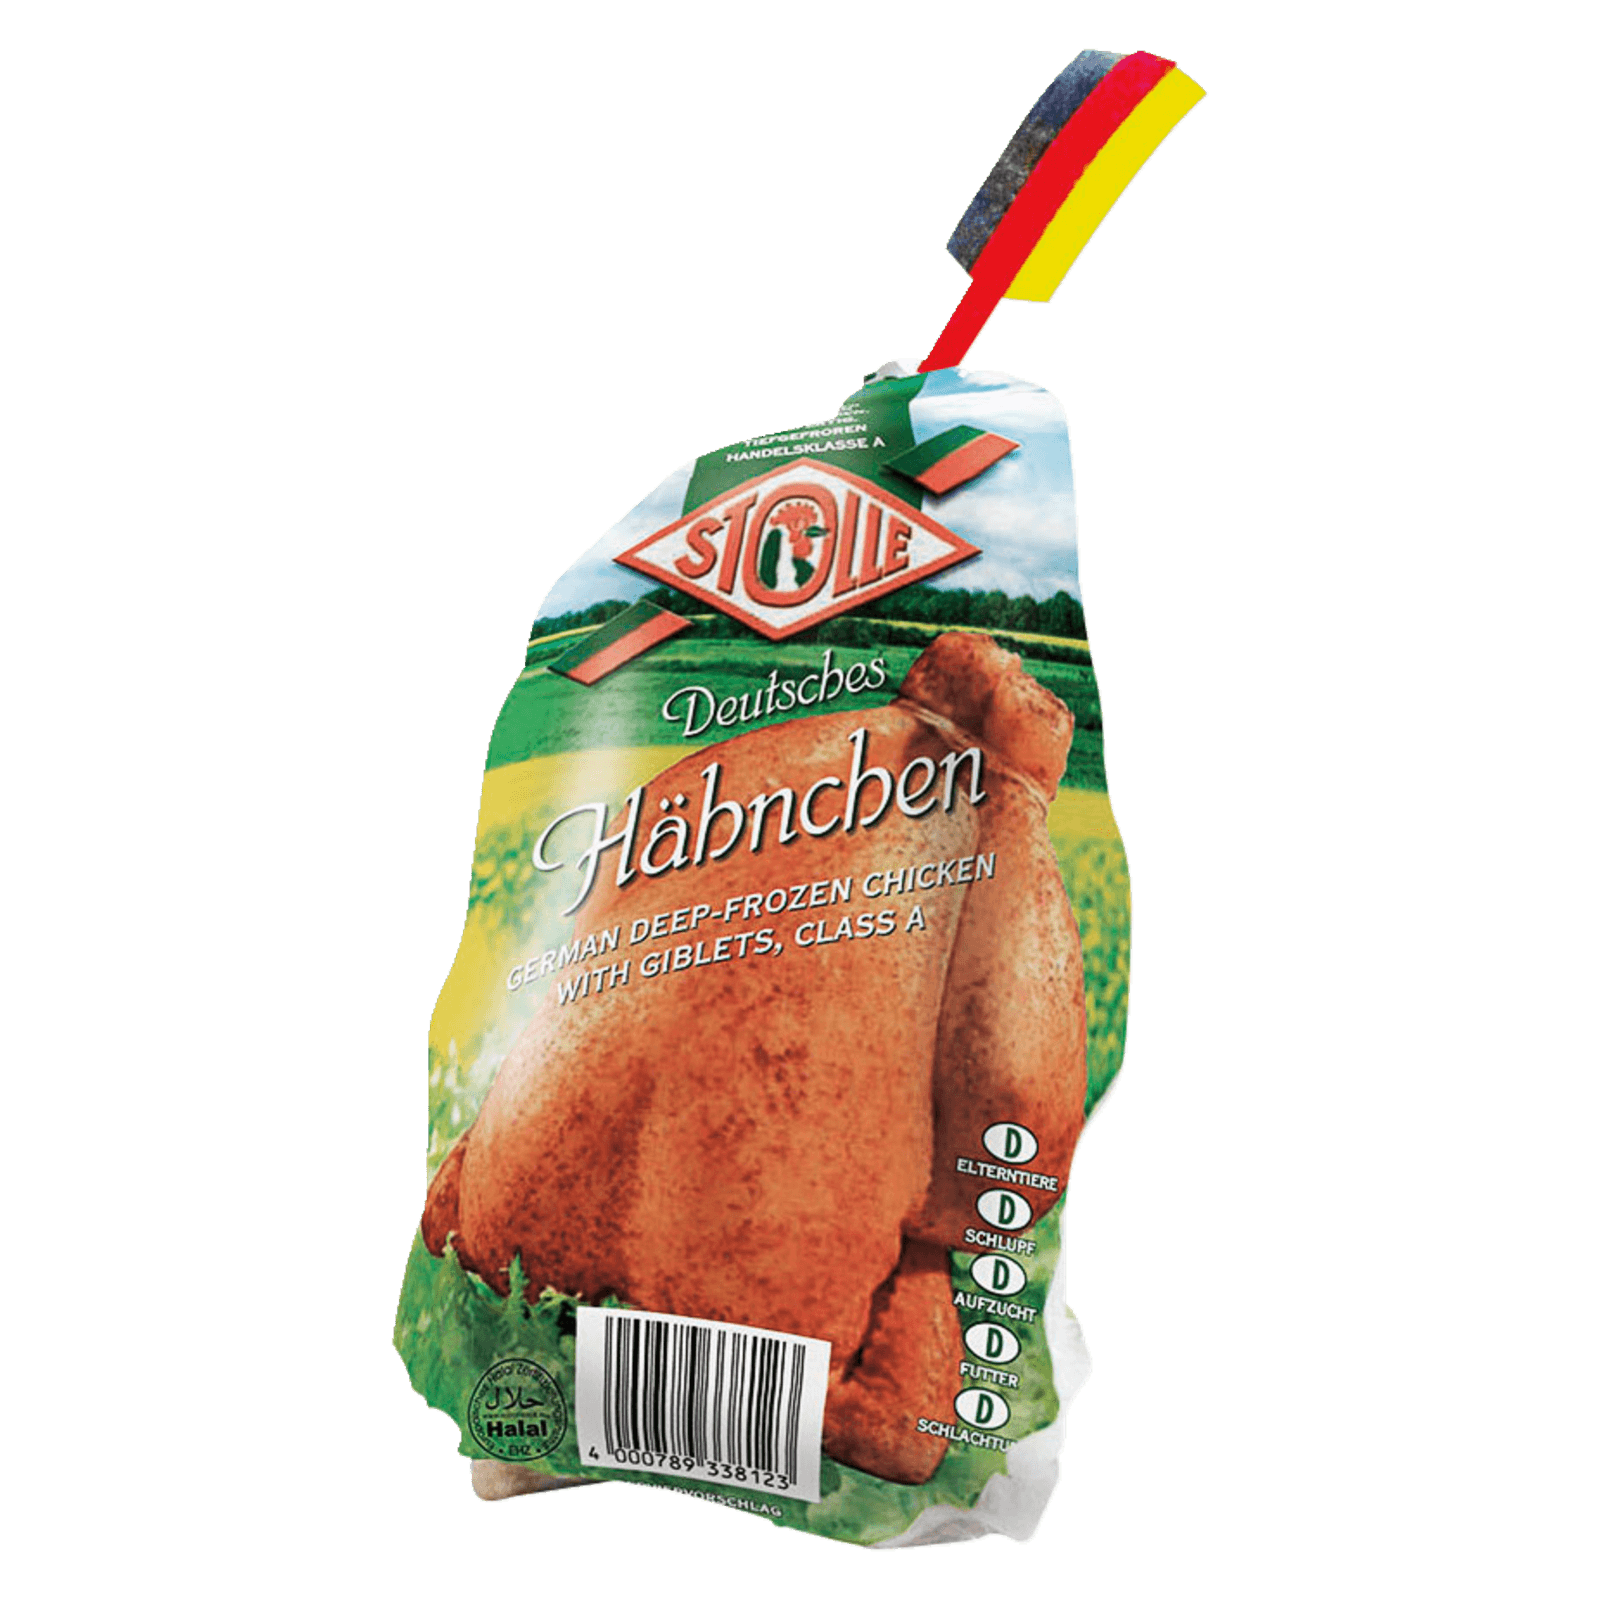 Stolle Hähnchen Halal 1,3kg bei REWE online bestellen!